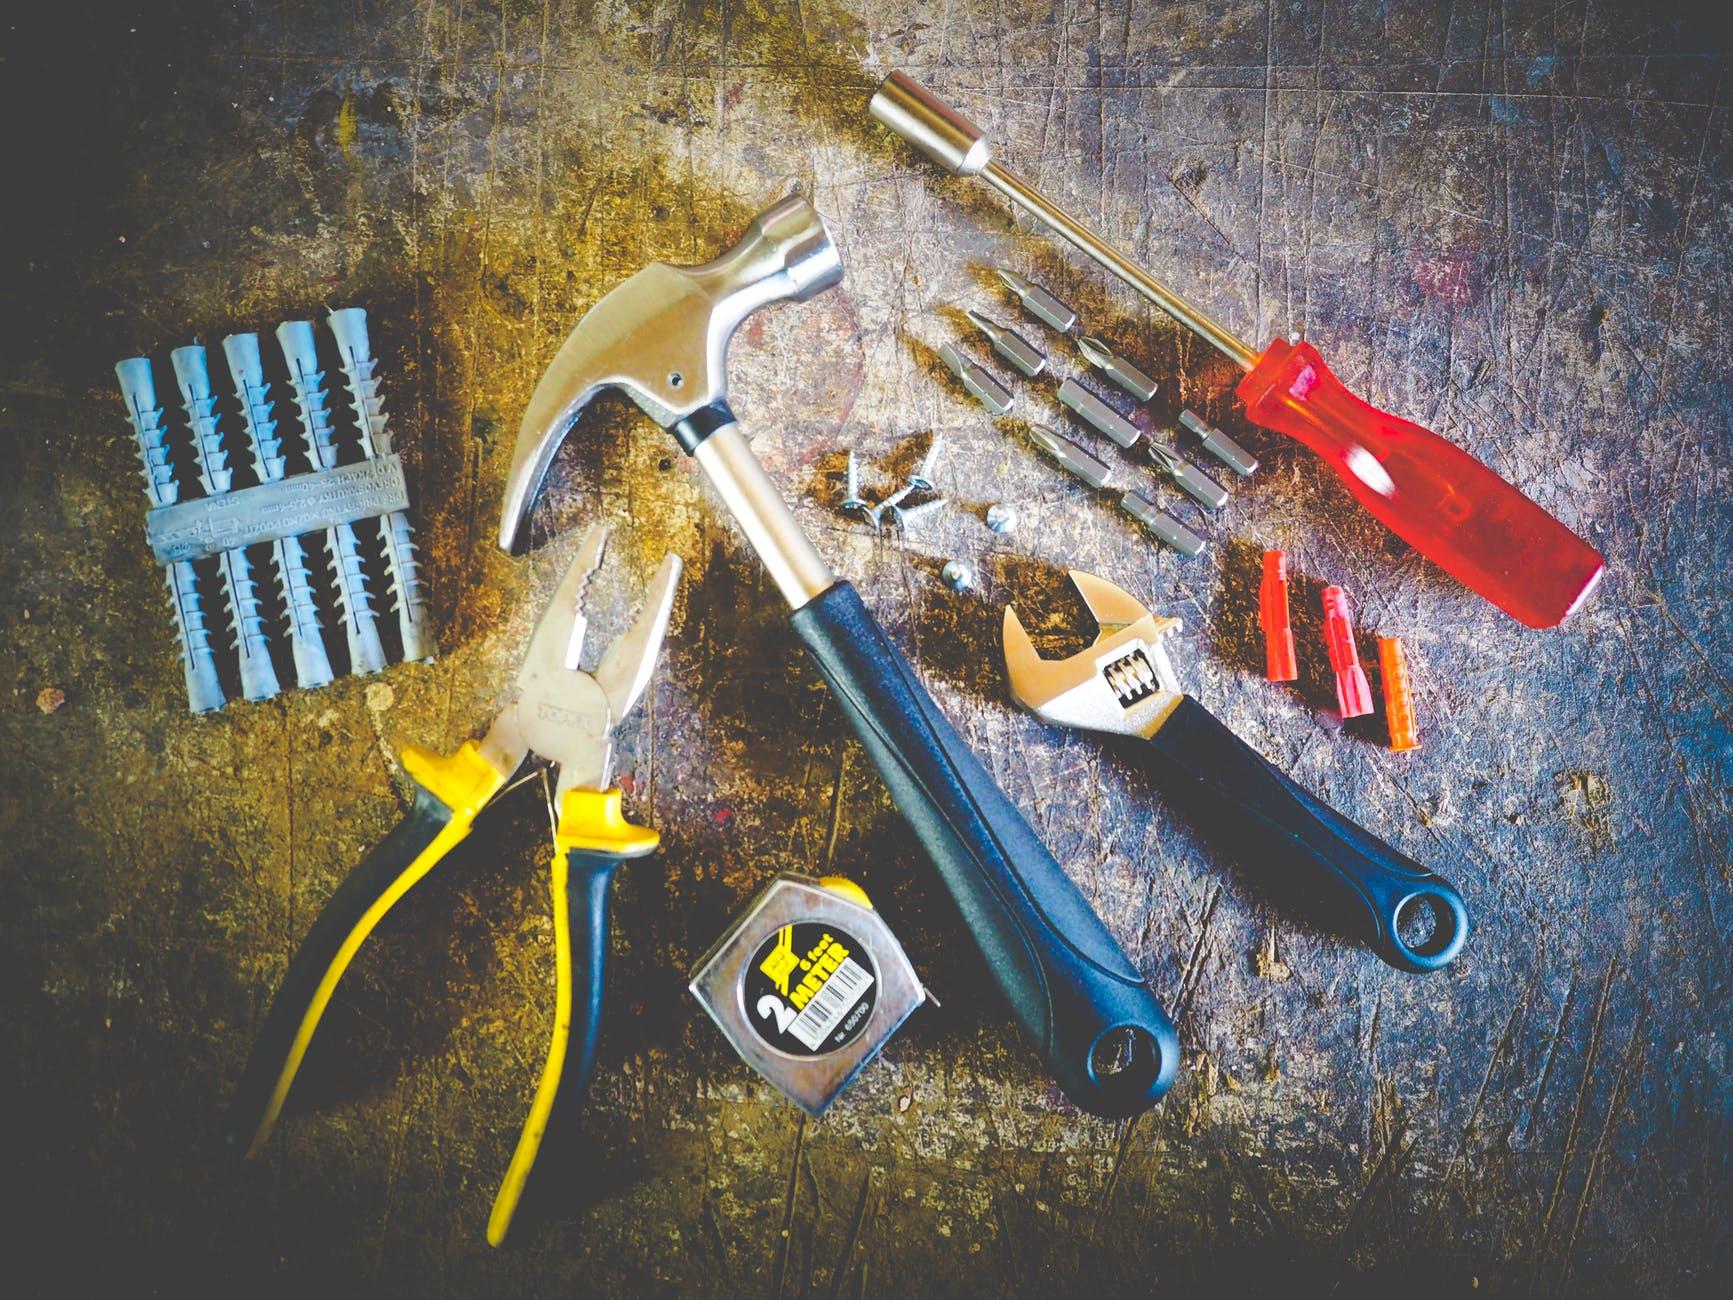 Kokių įrankių reikia norint montuoti vidines vidaus duris